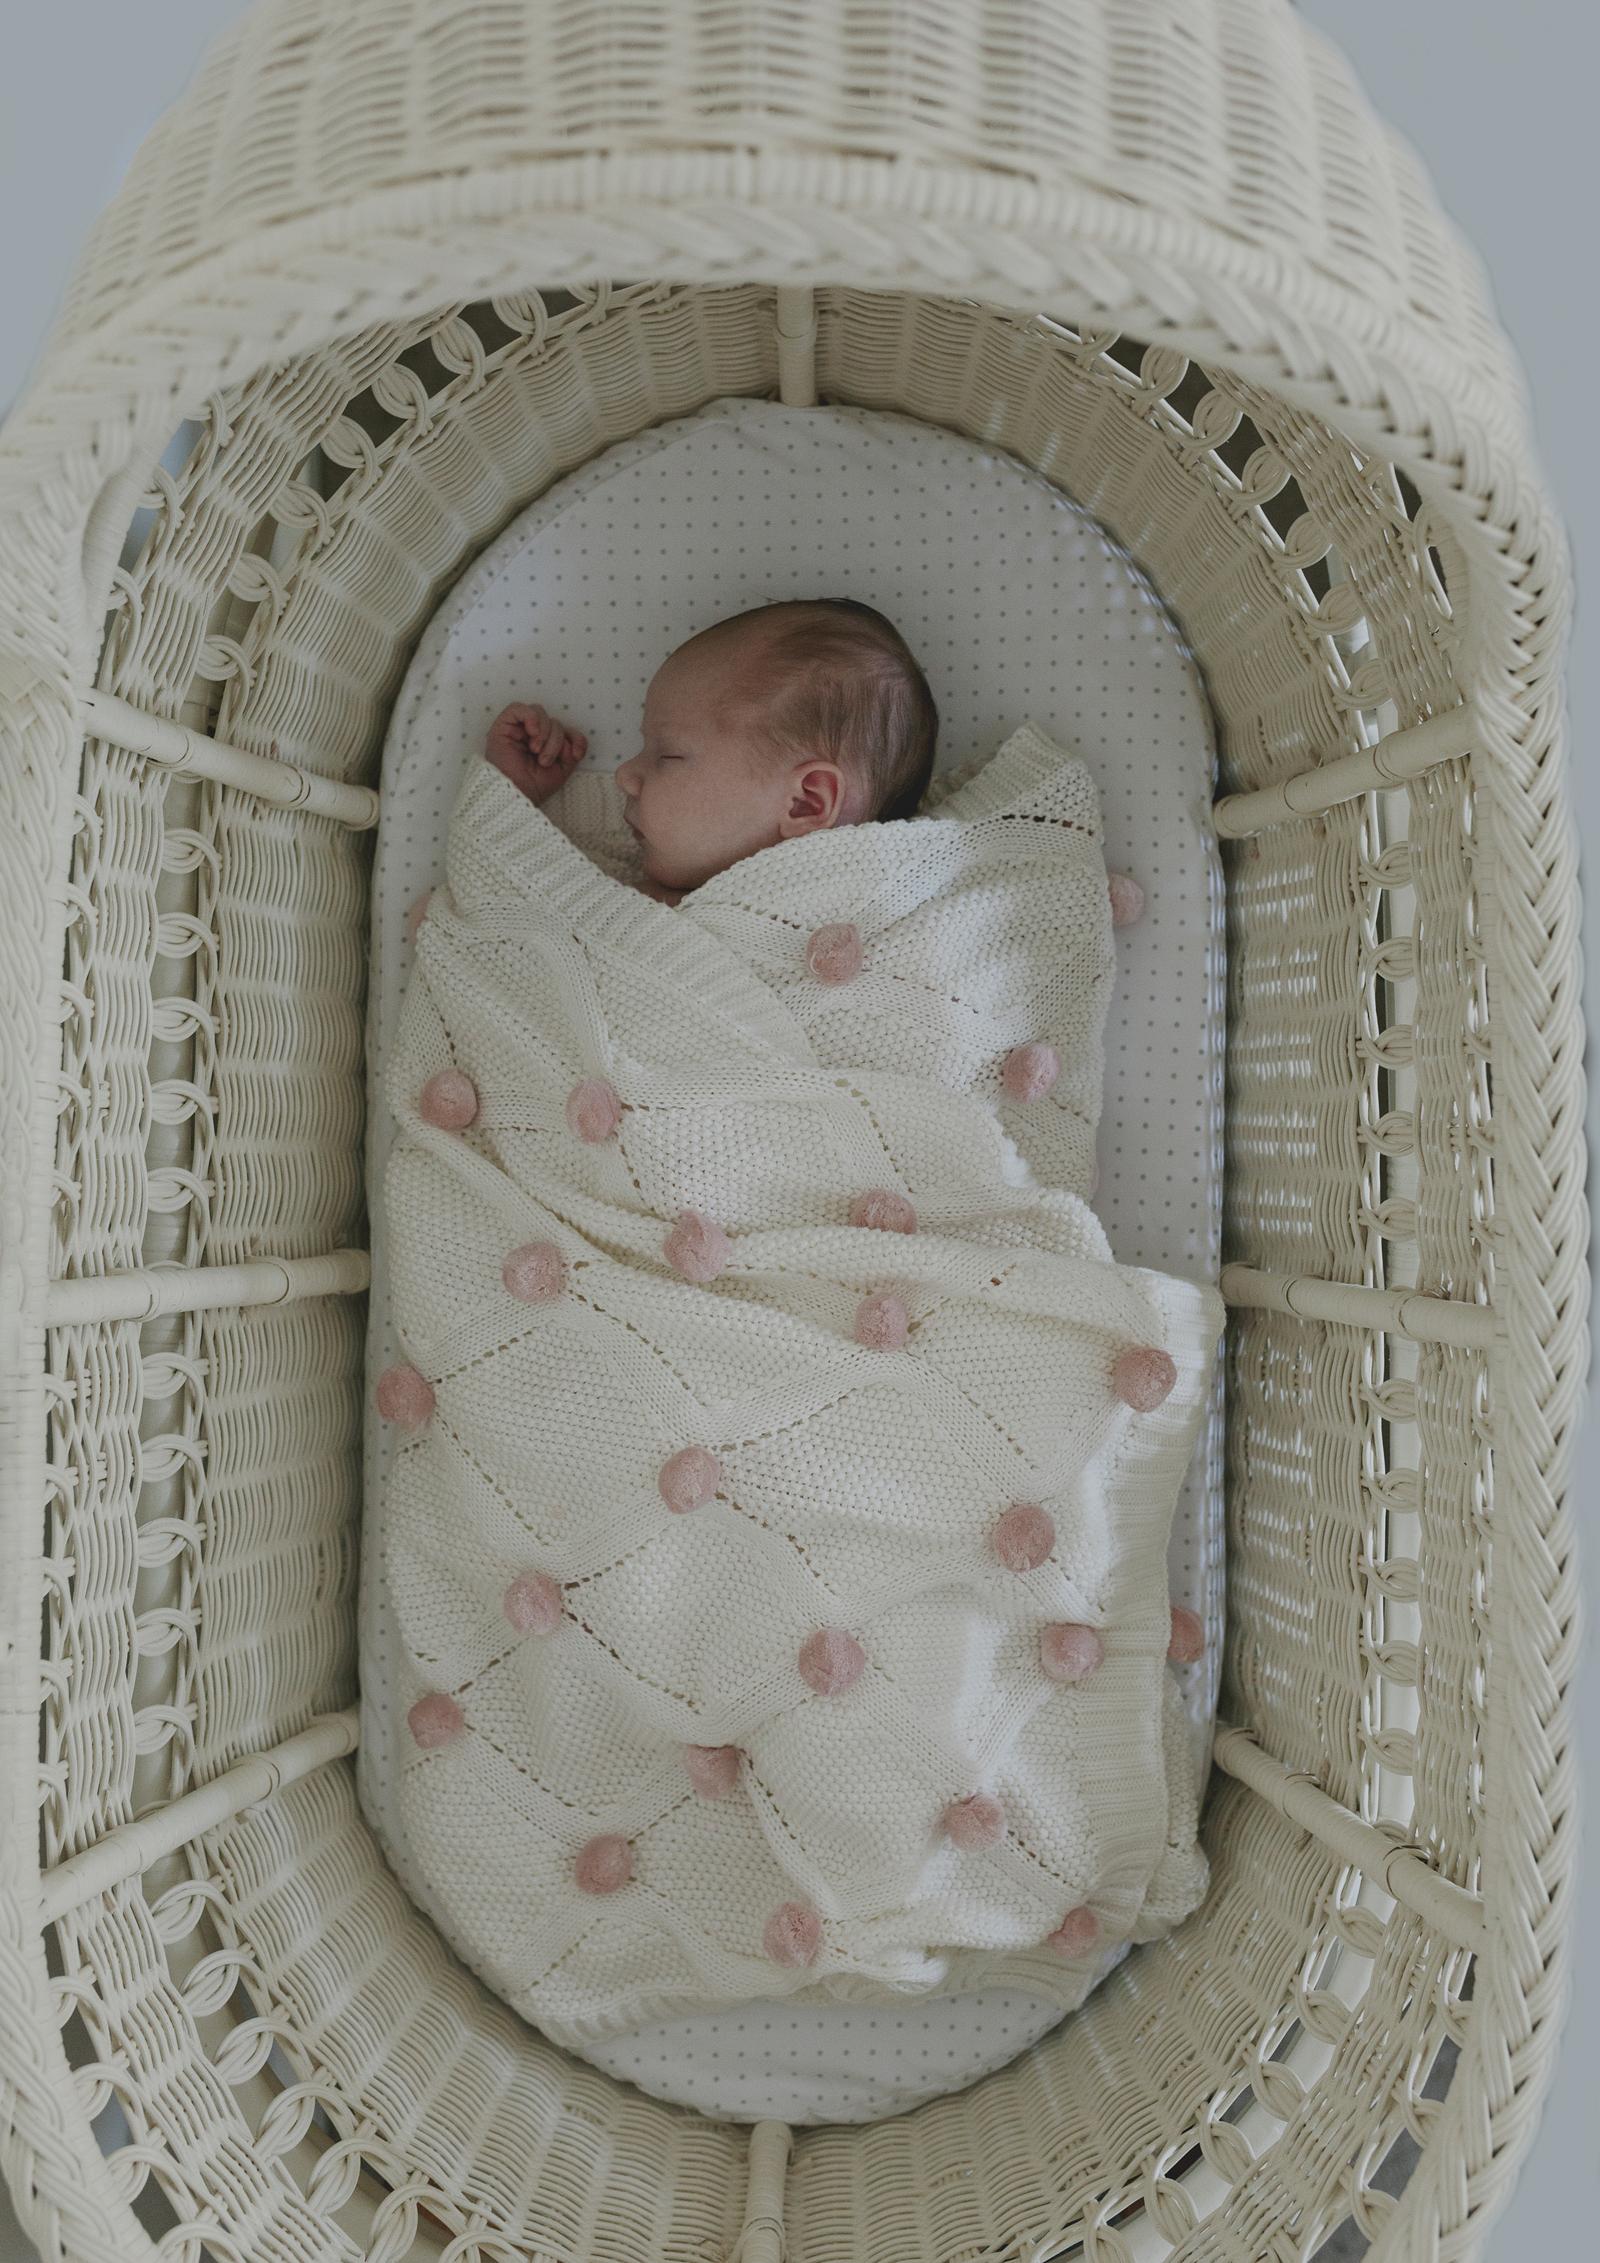 Newborn Baby girl in her bassinett